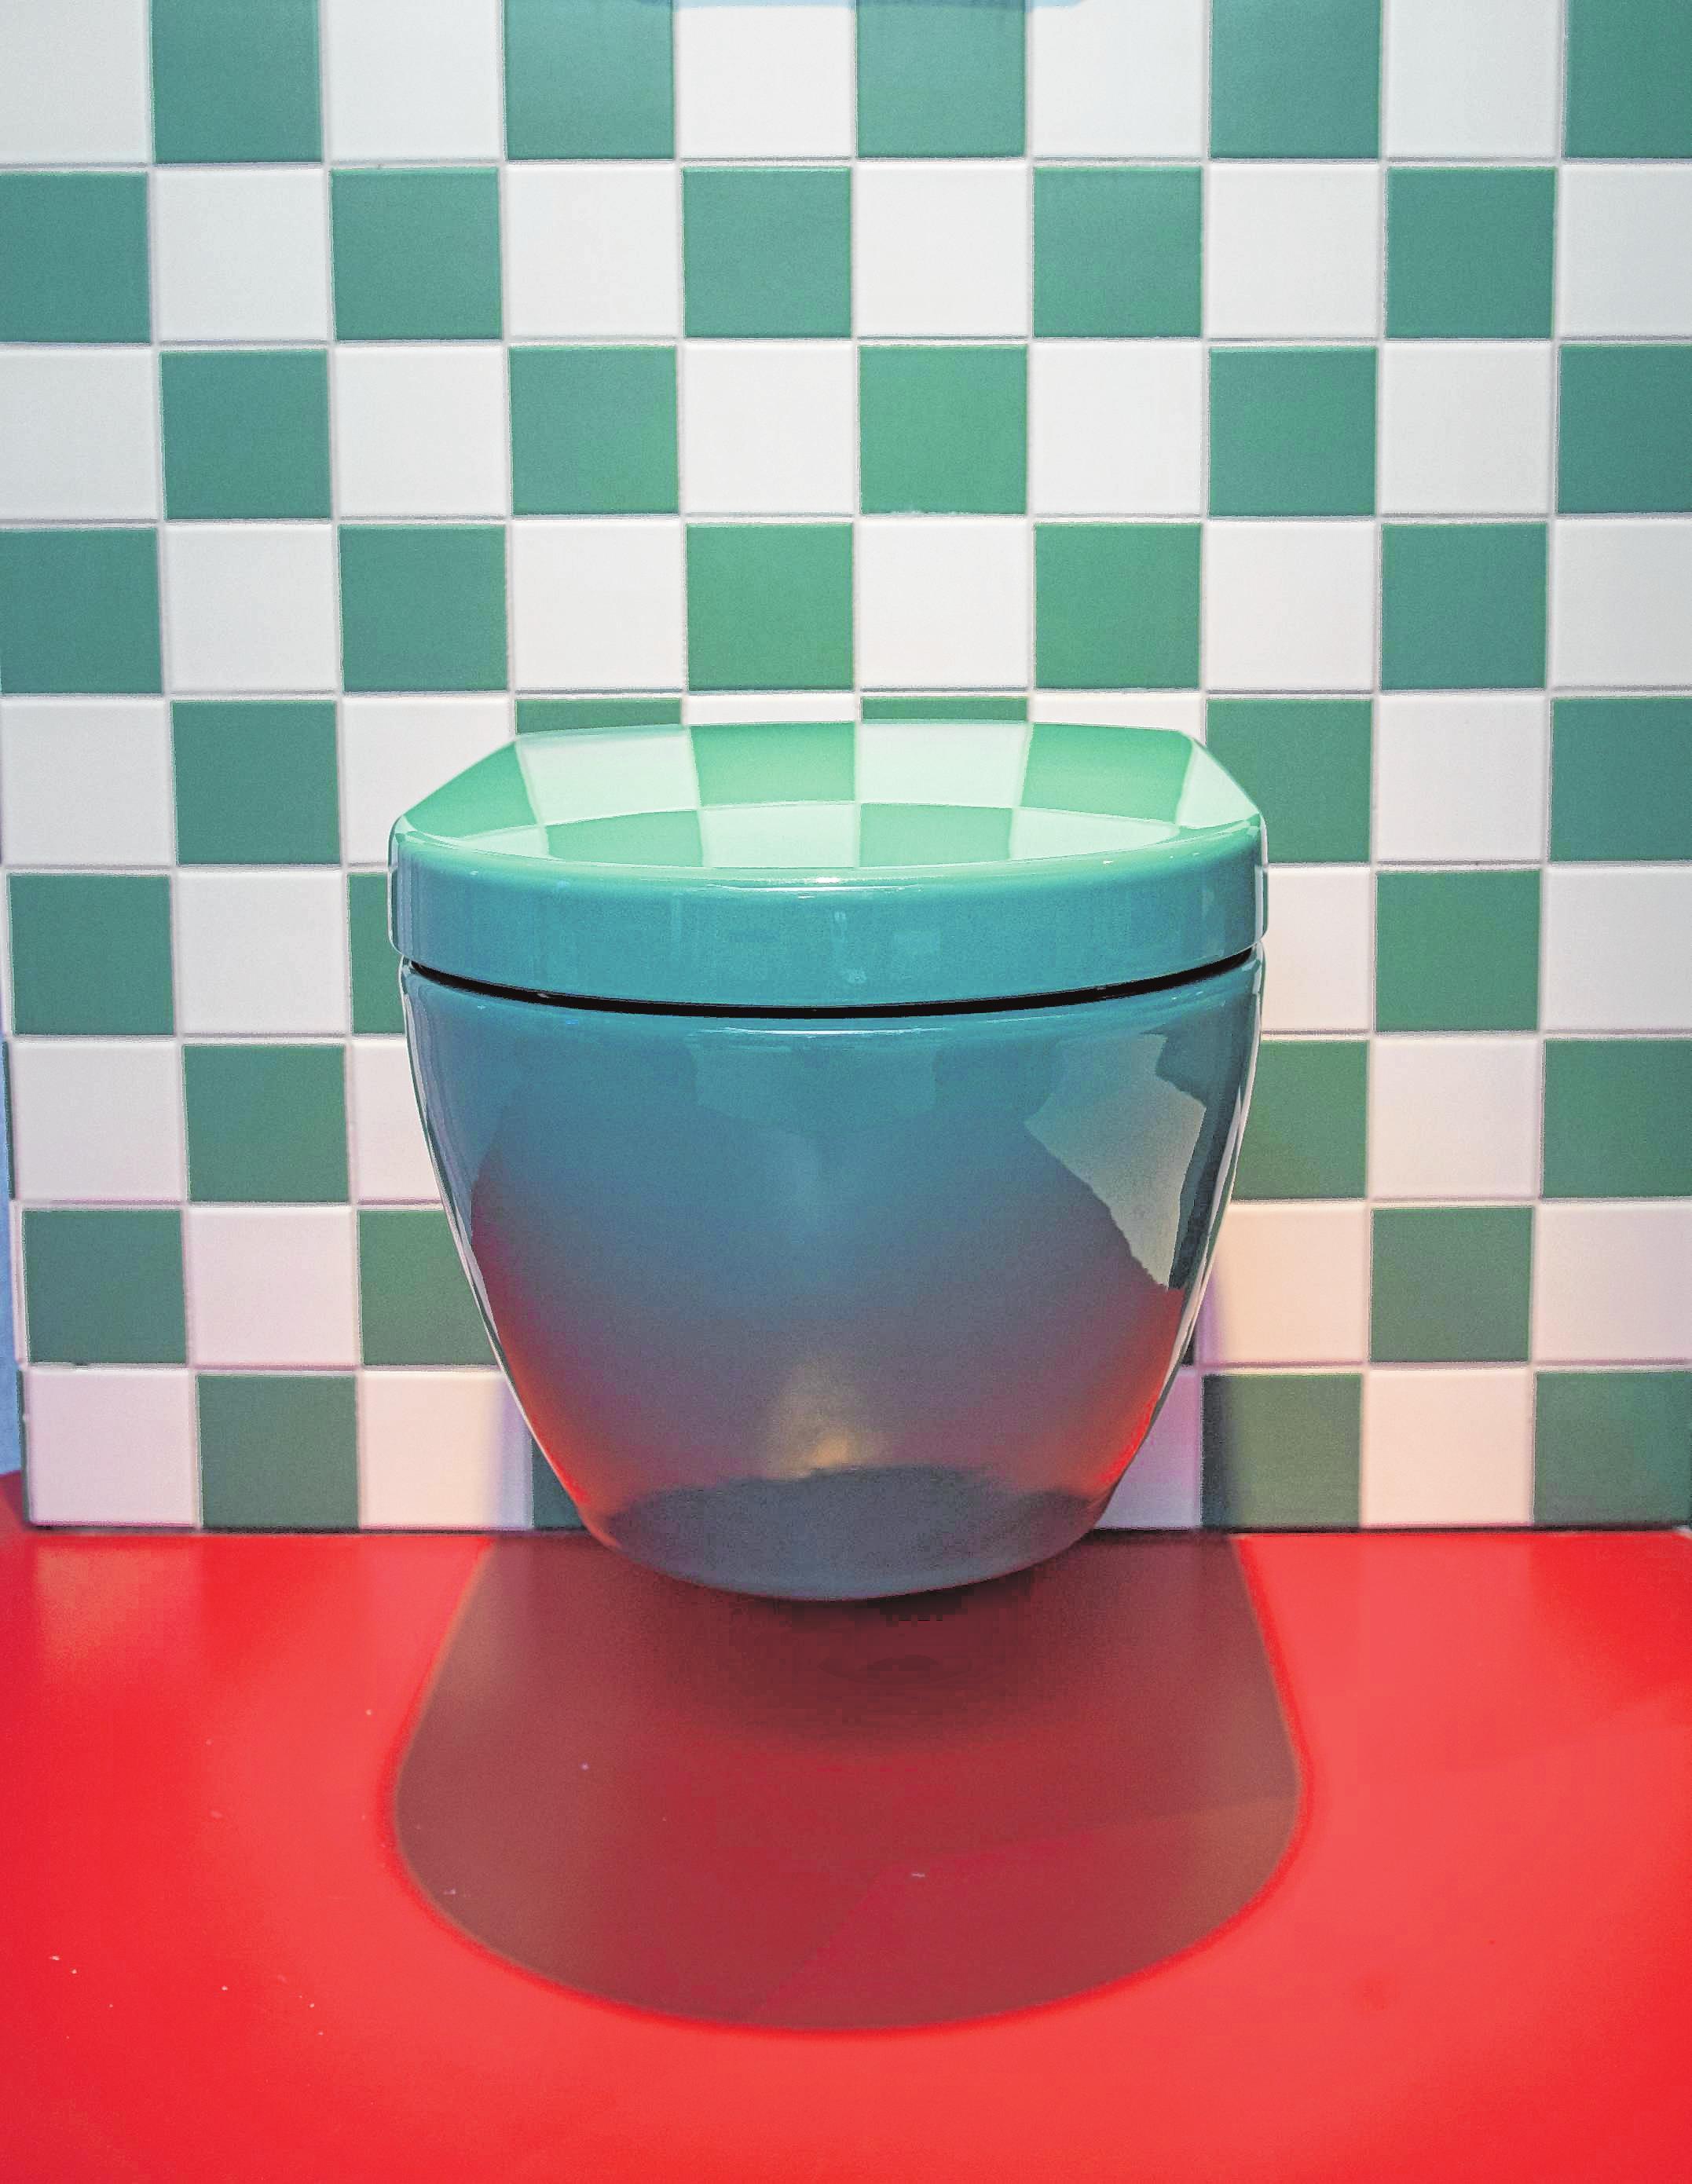 Knalleffekt: Villeroy & Boch hat eine grüne Toilette im Sortiment. Das Design stammt von Gesa Hansen.